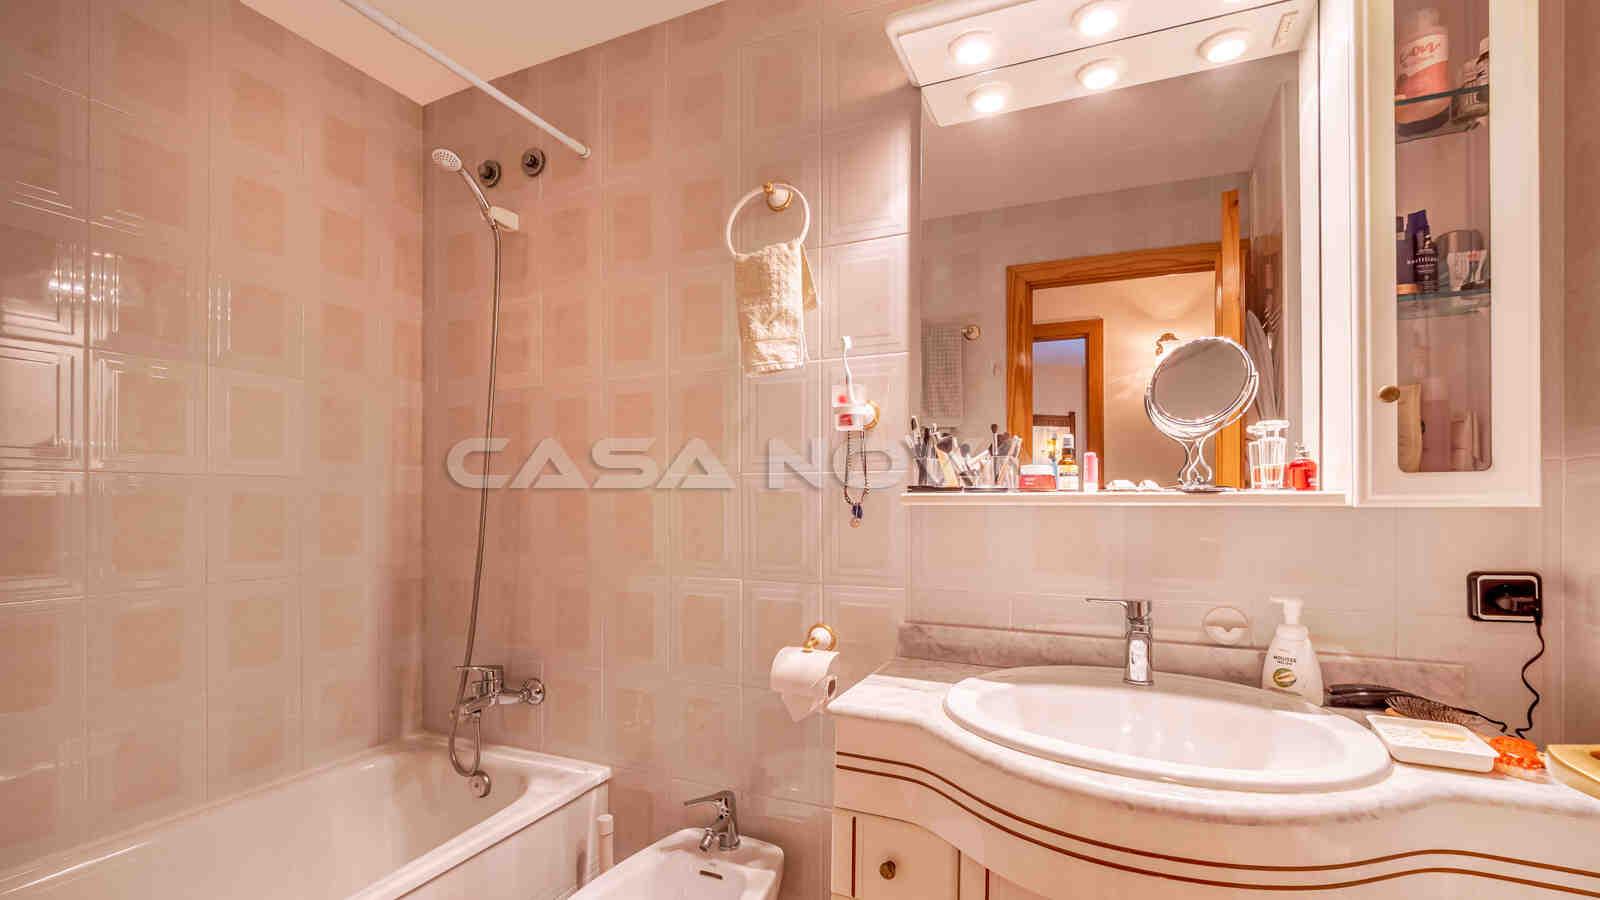 Zweites Badezimmer ebenfalls mit Badewanne